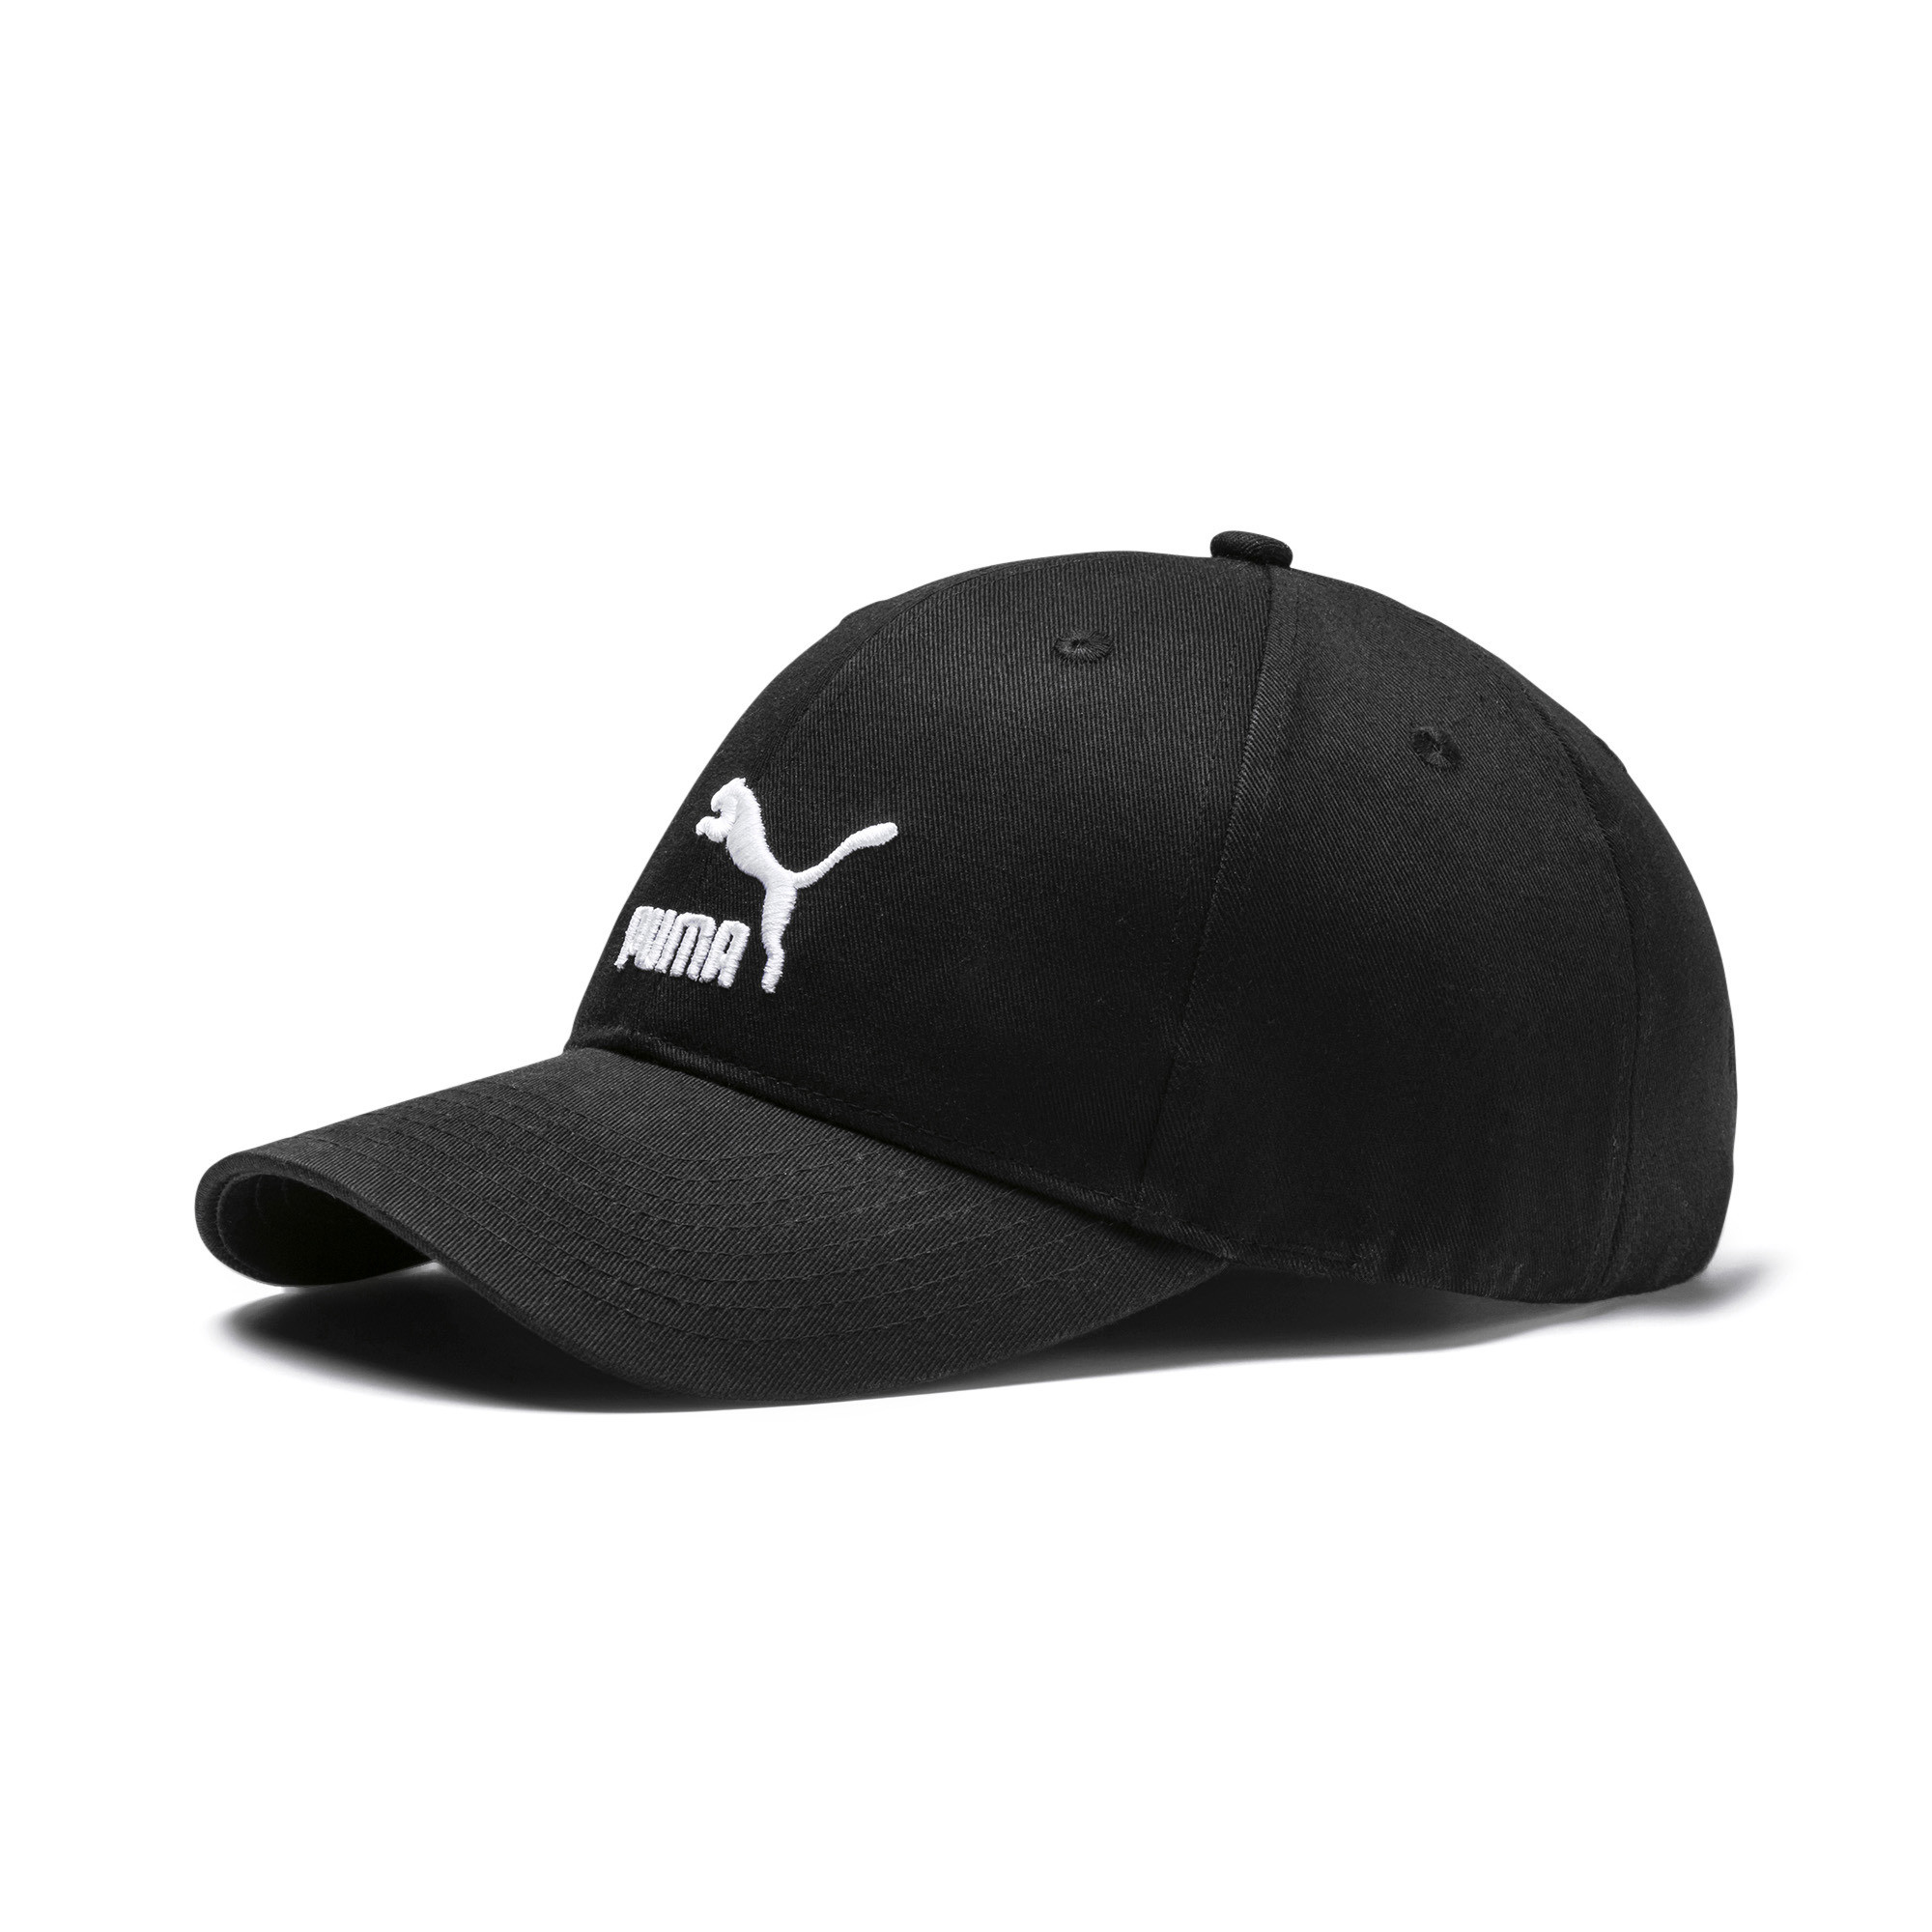 【プーマ公式通販】 プーマ アーカイブ ロゴ BB キャップ ユニセックス Puma Black |PUMA.com